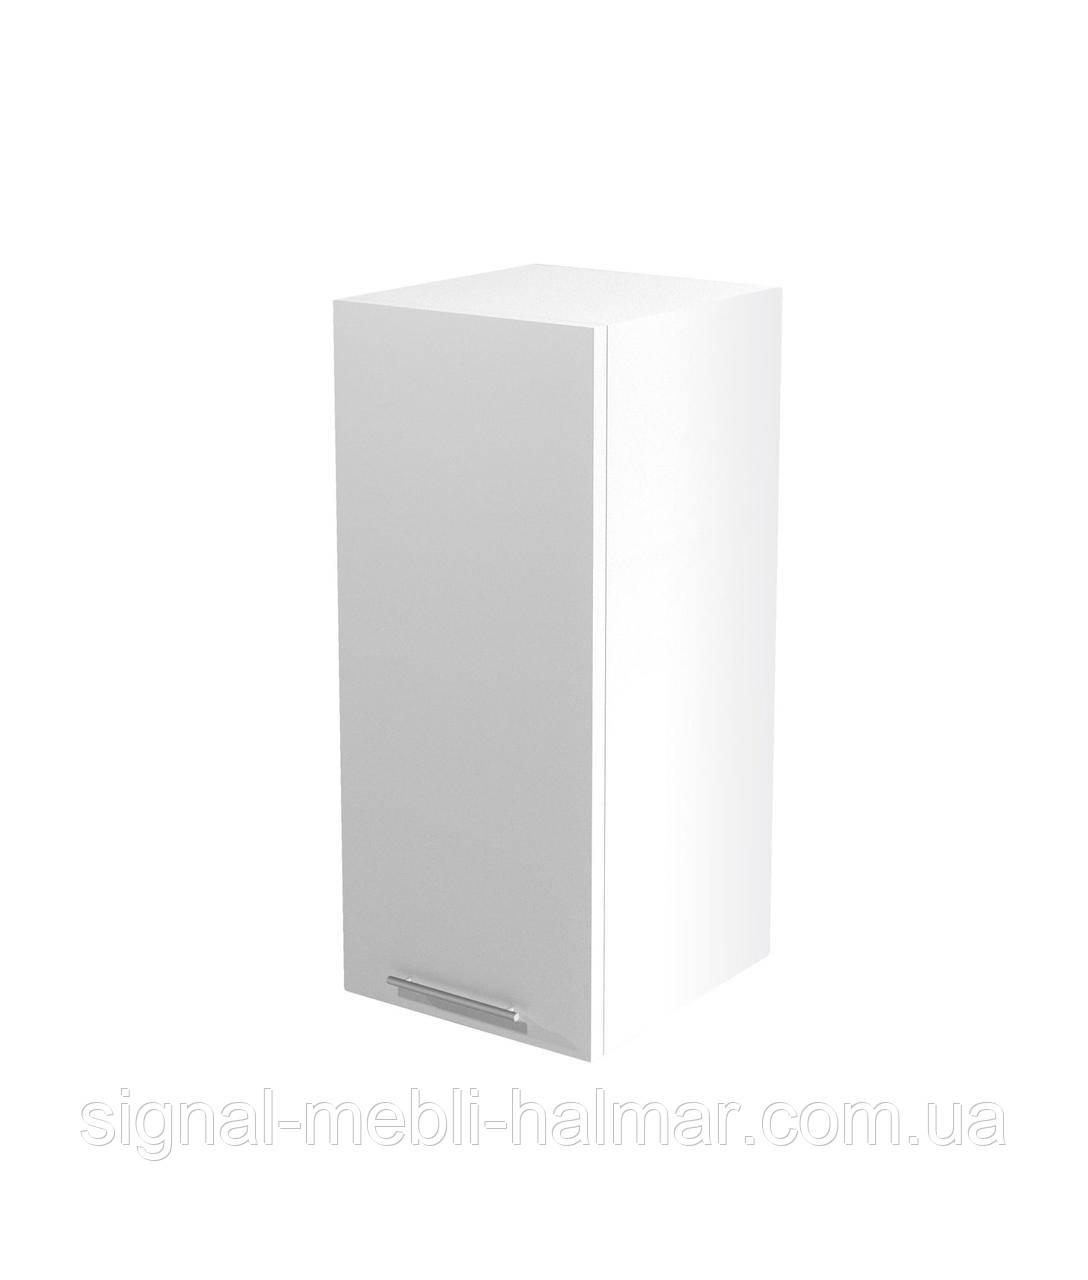 Кухонный шкаф Vento G-30/72 Halmar